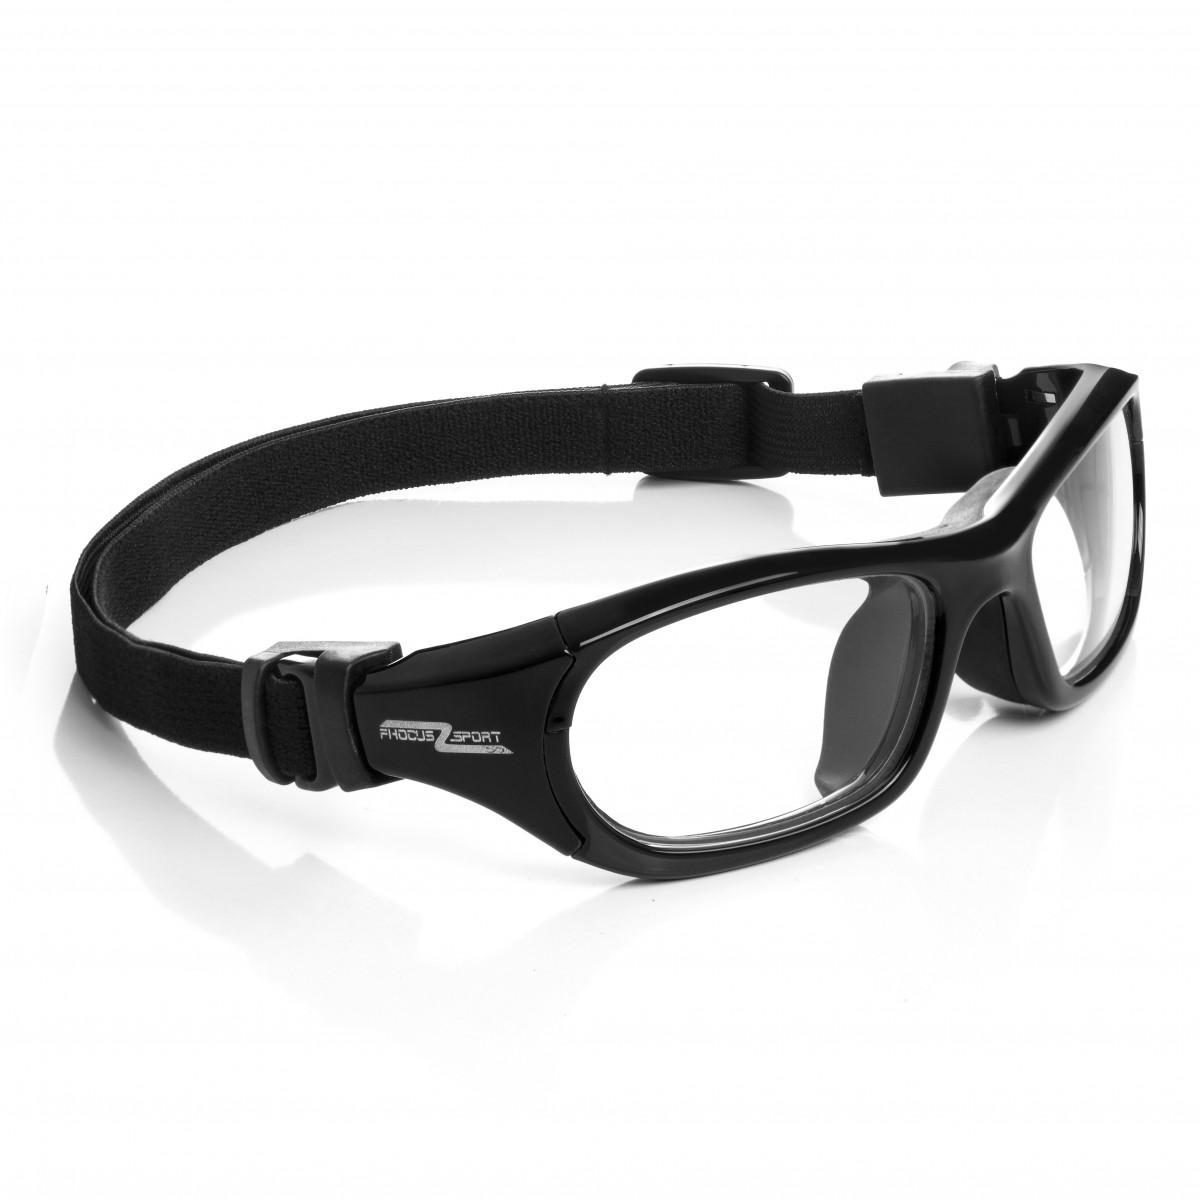 33bc8e086131d Óculos para jogar futebol fhocus sports - Esporte Visão